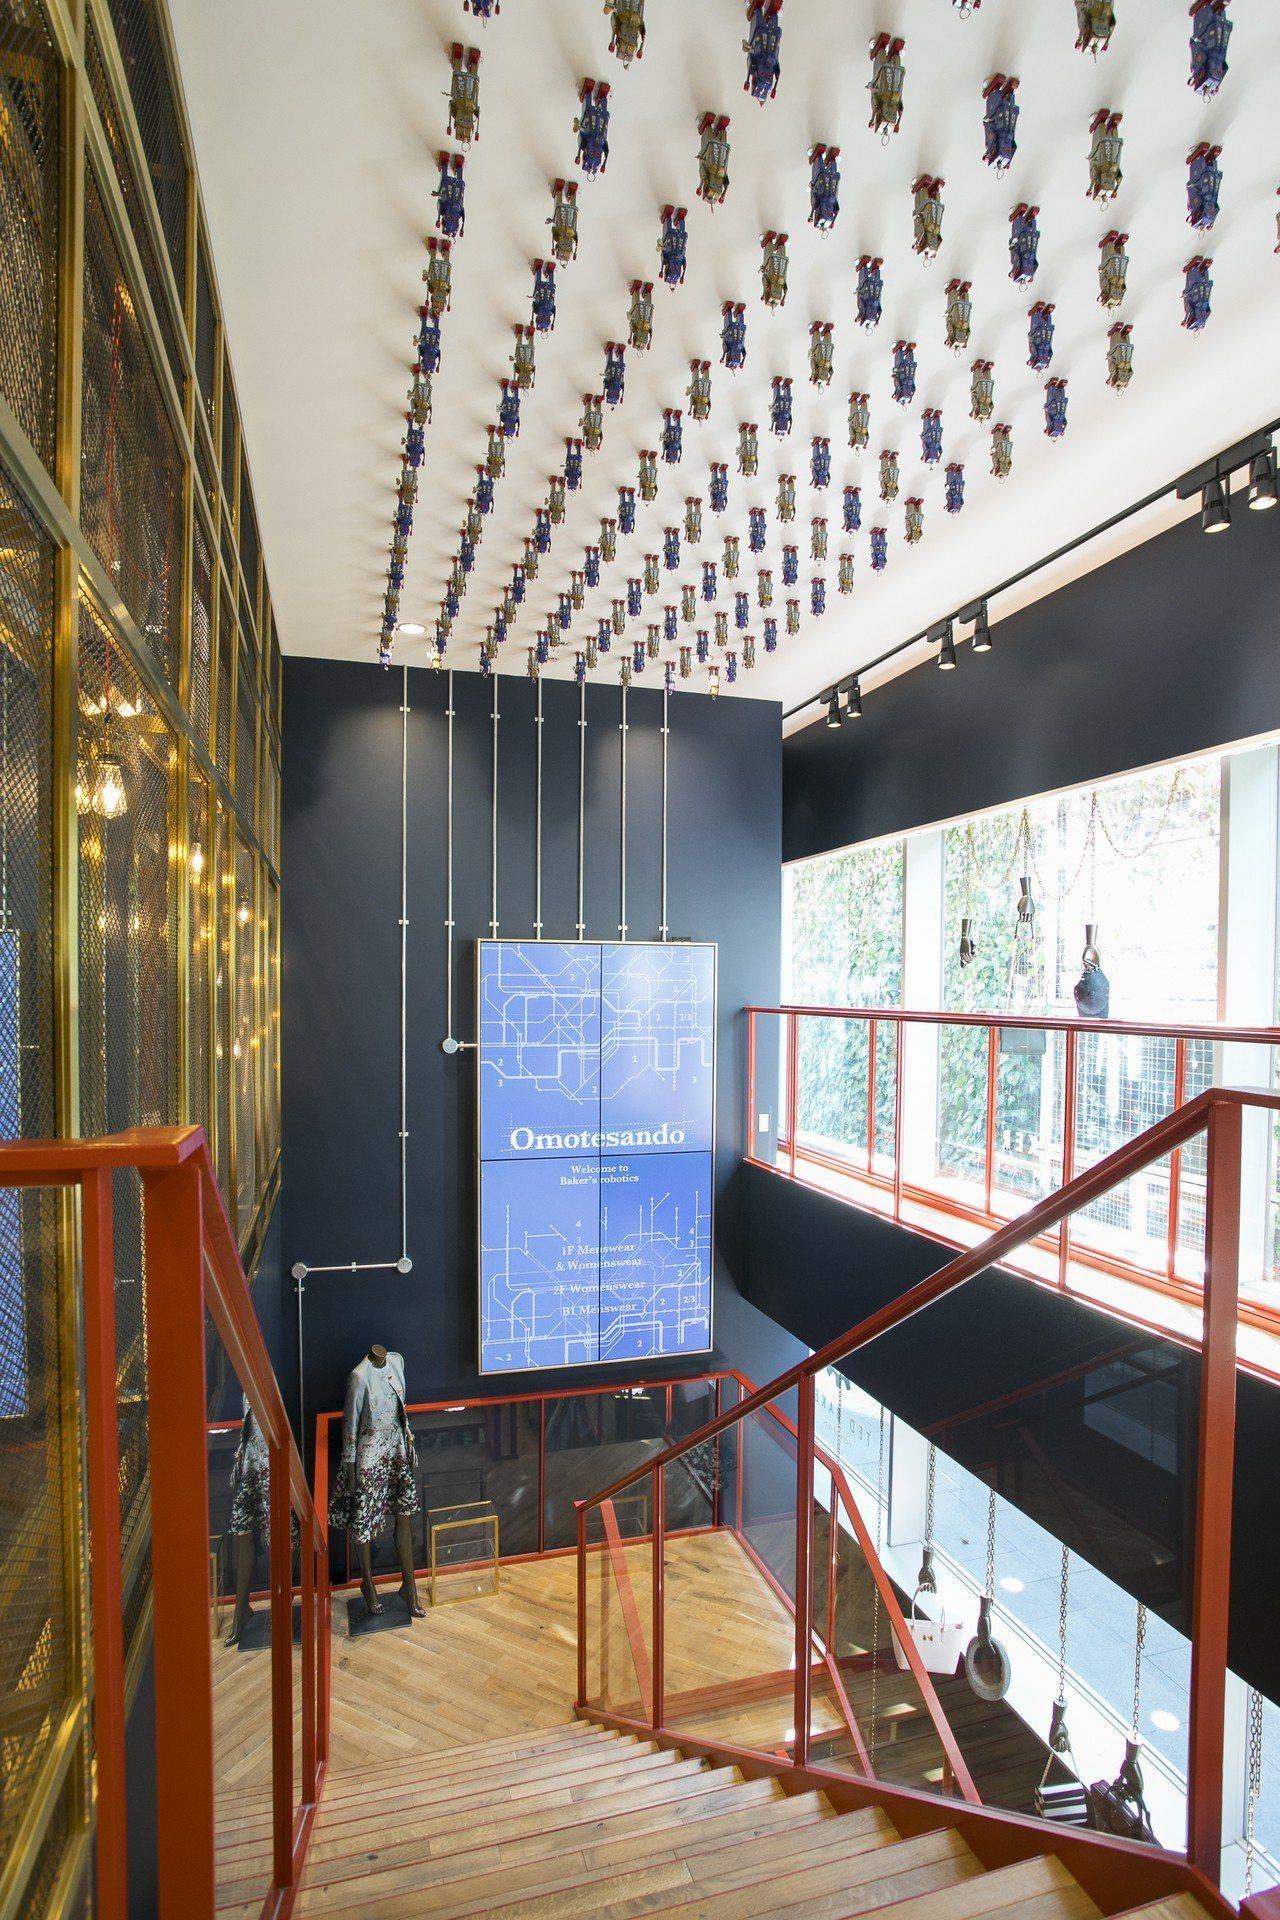 隨處可見的復古風機器人造型多變,並搭配電路板牆面、銅與鋼製的陳列架等打造出一個宛...